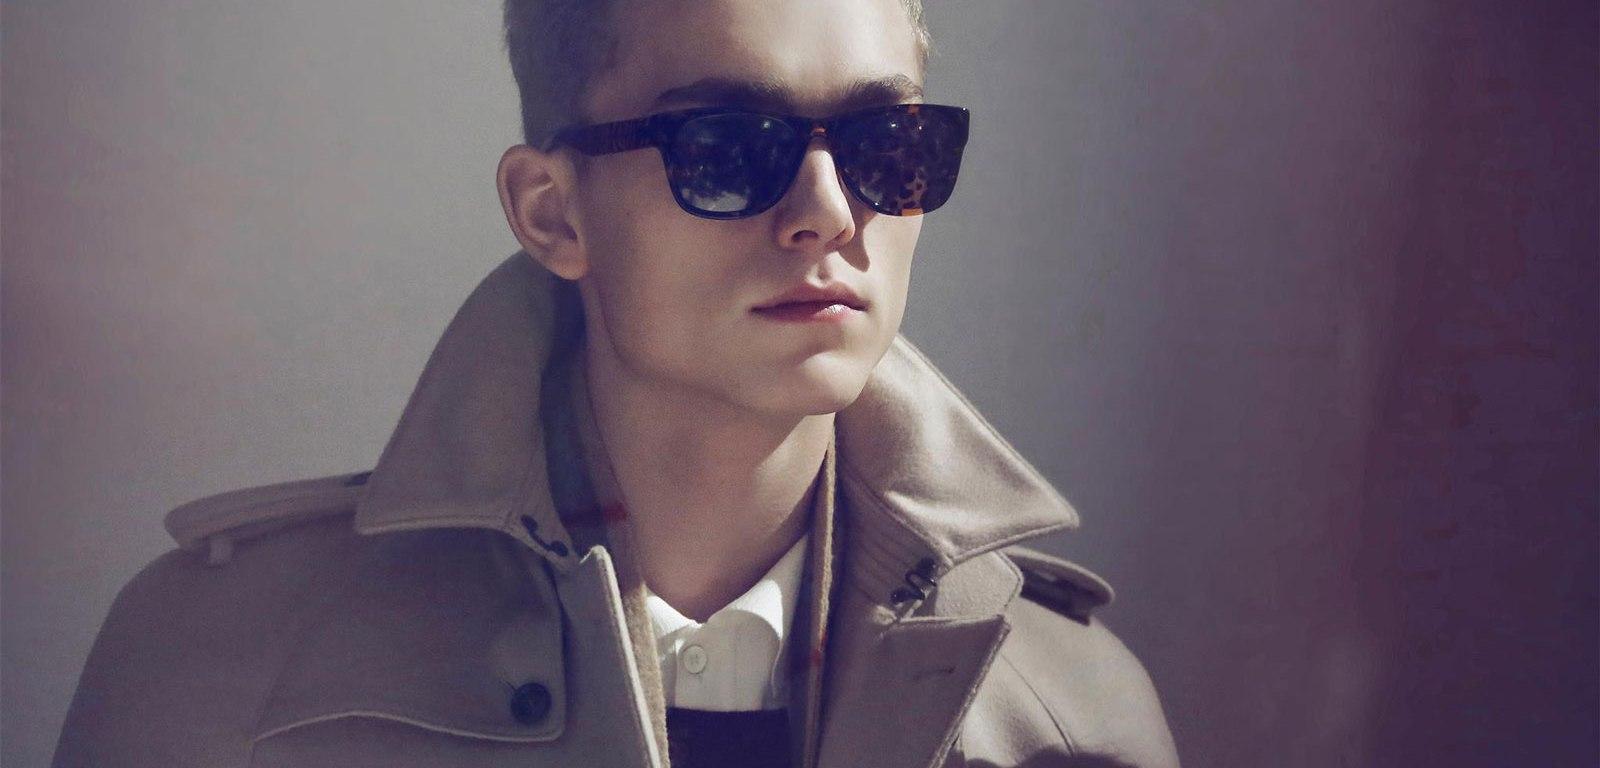 9ebec41c0 Dica para eles: qual o melhor modelo de óculos para o rosto ...